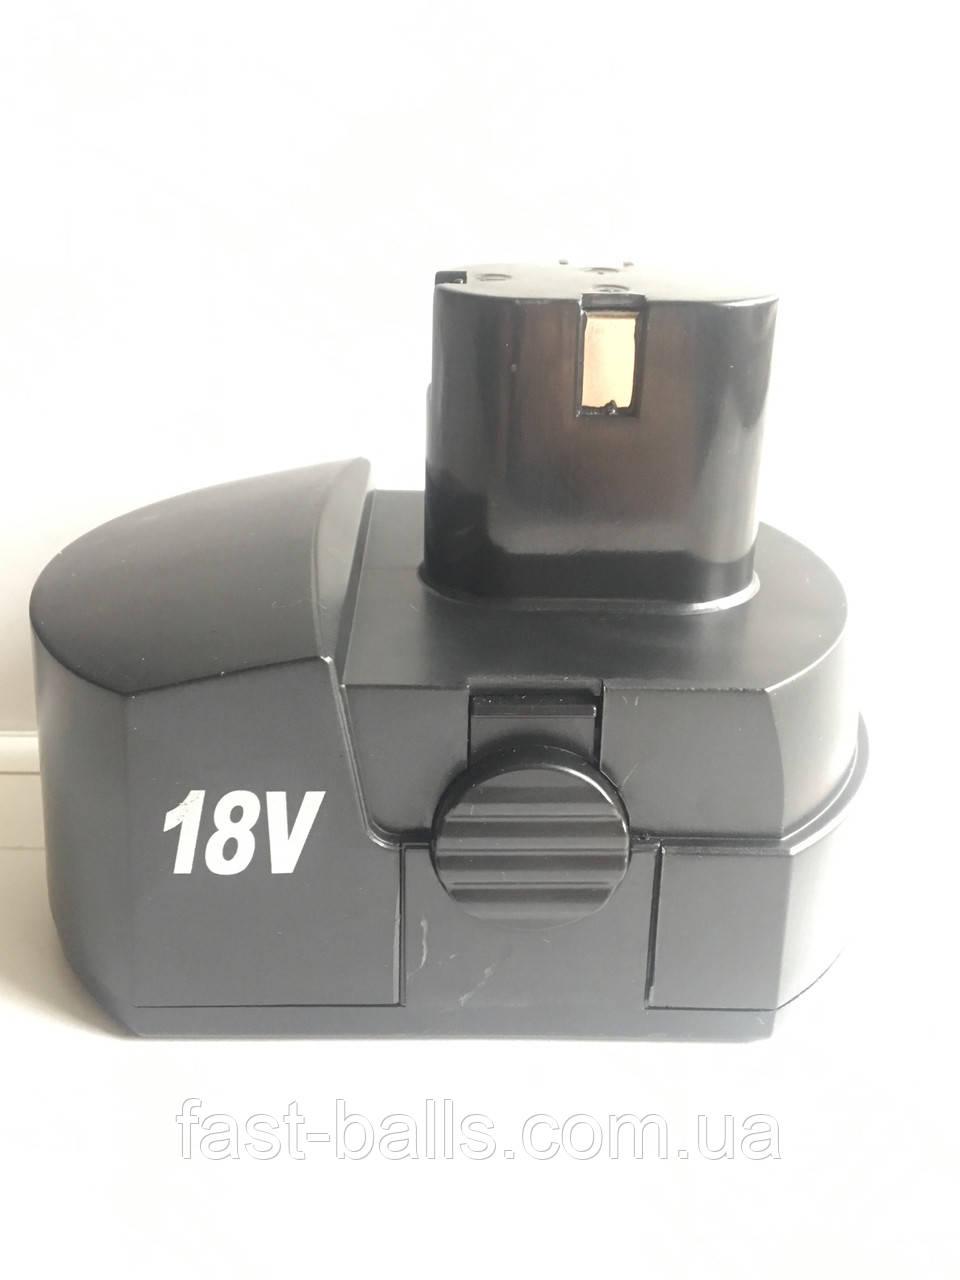 Аккумулятор для шуруповерта 18В, 1A с выступом